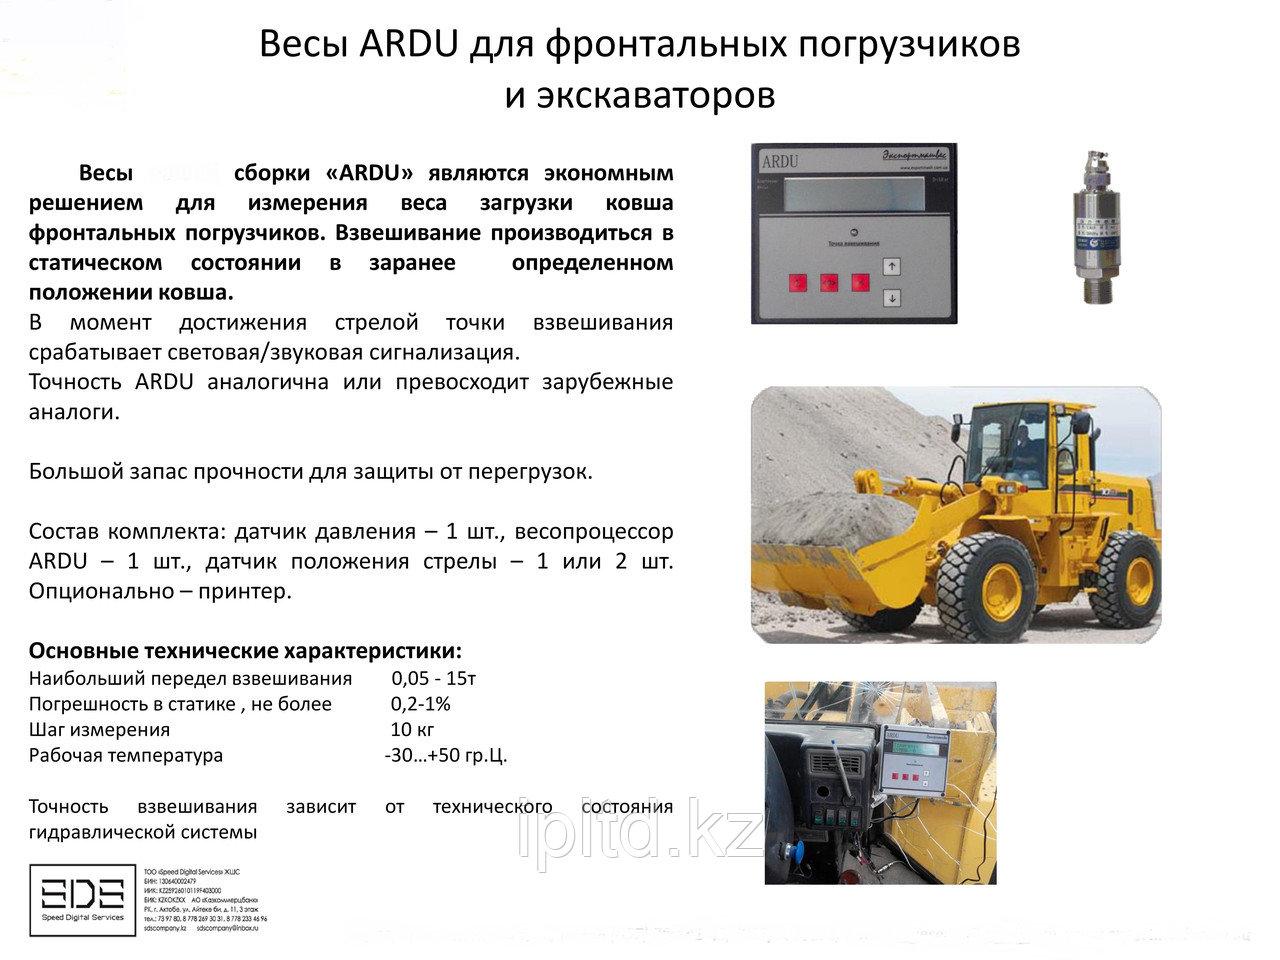 Весы на фронтальный погрузчик ARDU - фото 3